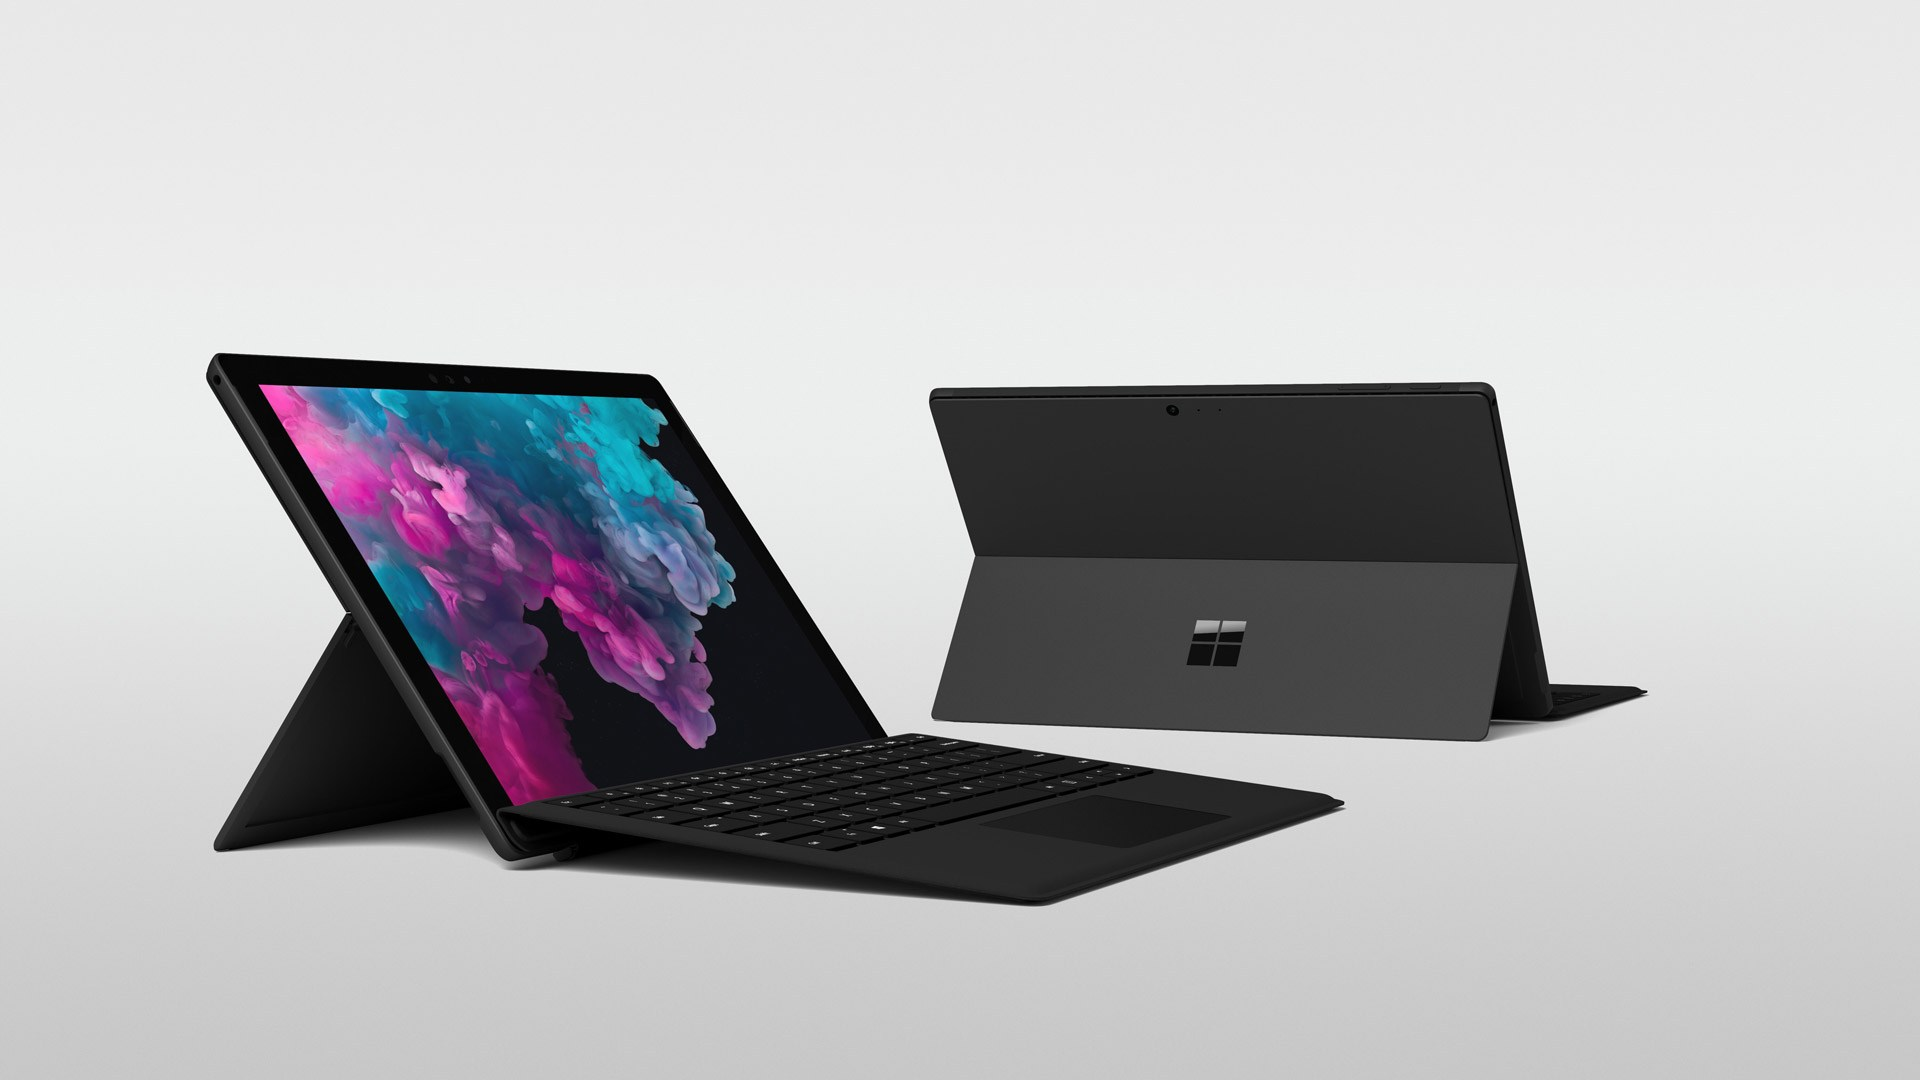 Microsoft Surface Pro 6 annoncée : un nouveau coloris qui n'arrive pas à cacher la poussière